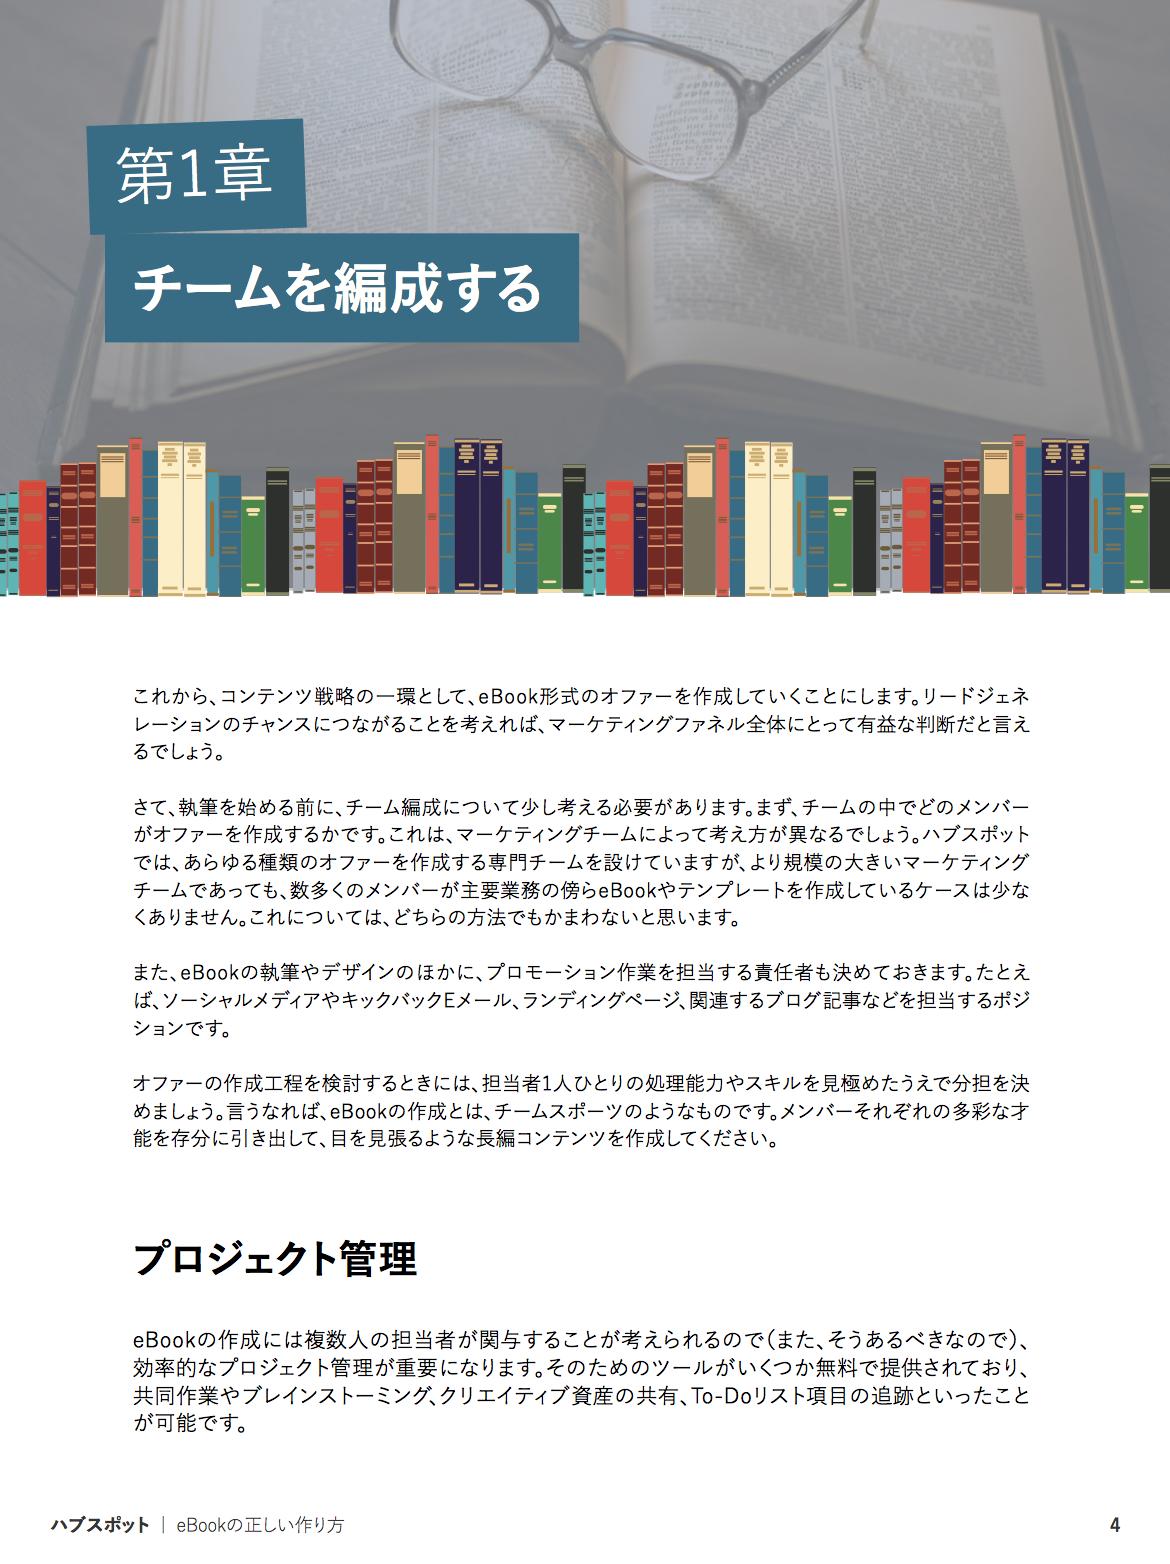 EBook作成の仕方を解説した無料eBookはこちらからダウンロードできます。